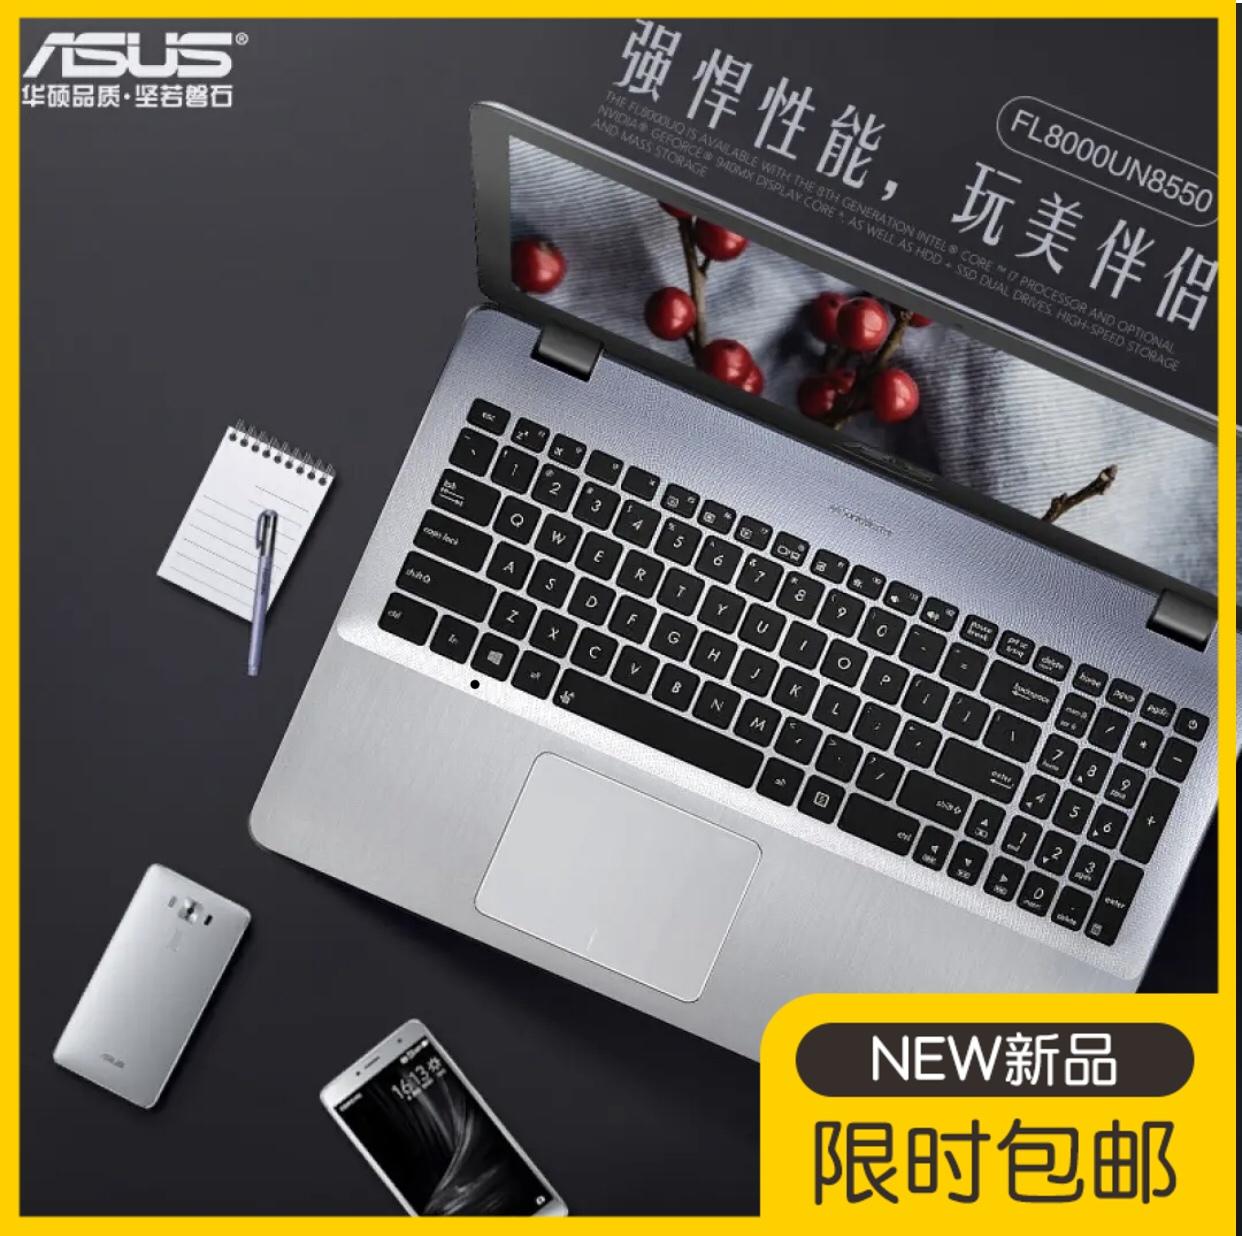 华硕顽石灵耀轻薄办公商务全能学生本i5i7独立显卡笔记本电脑14寸